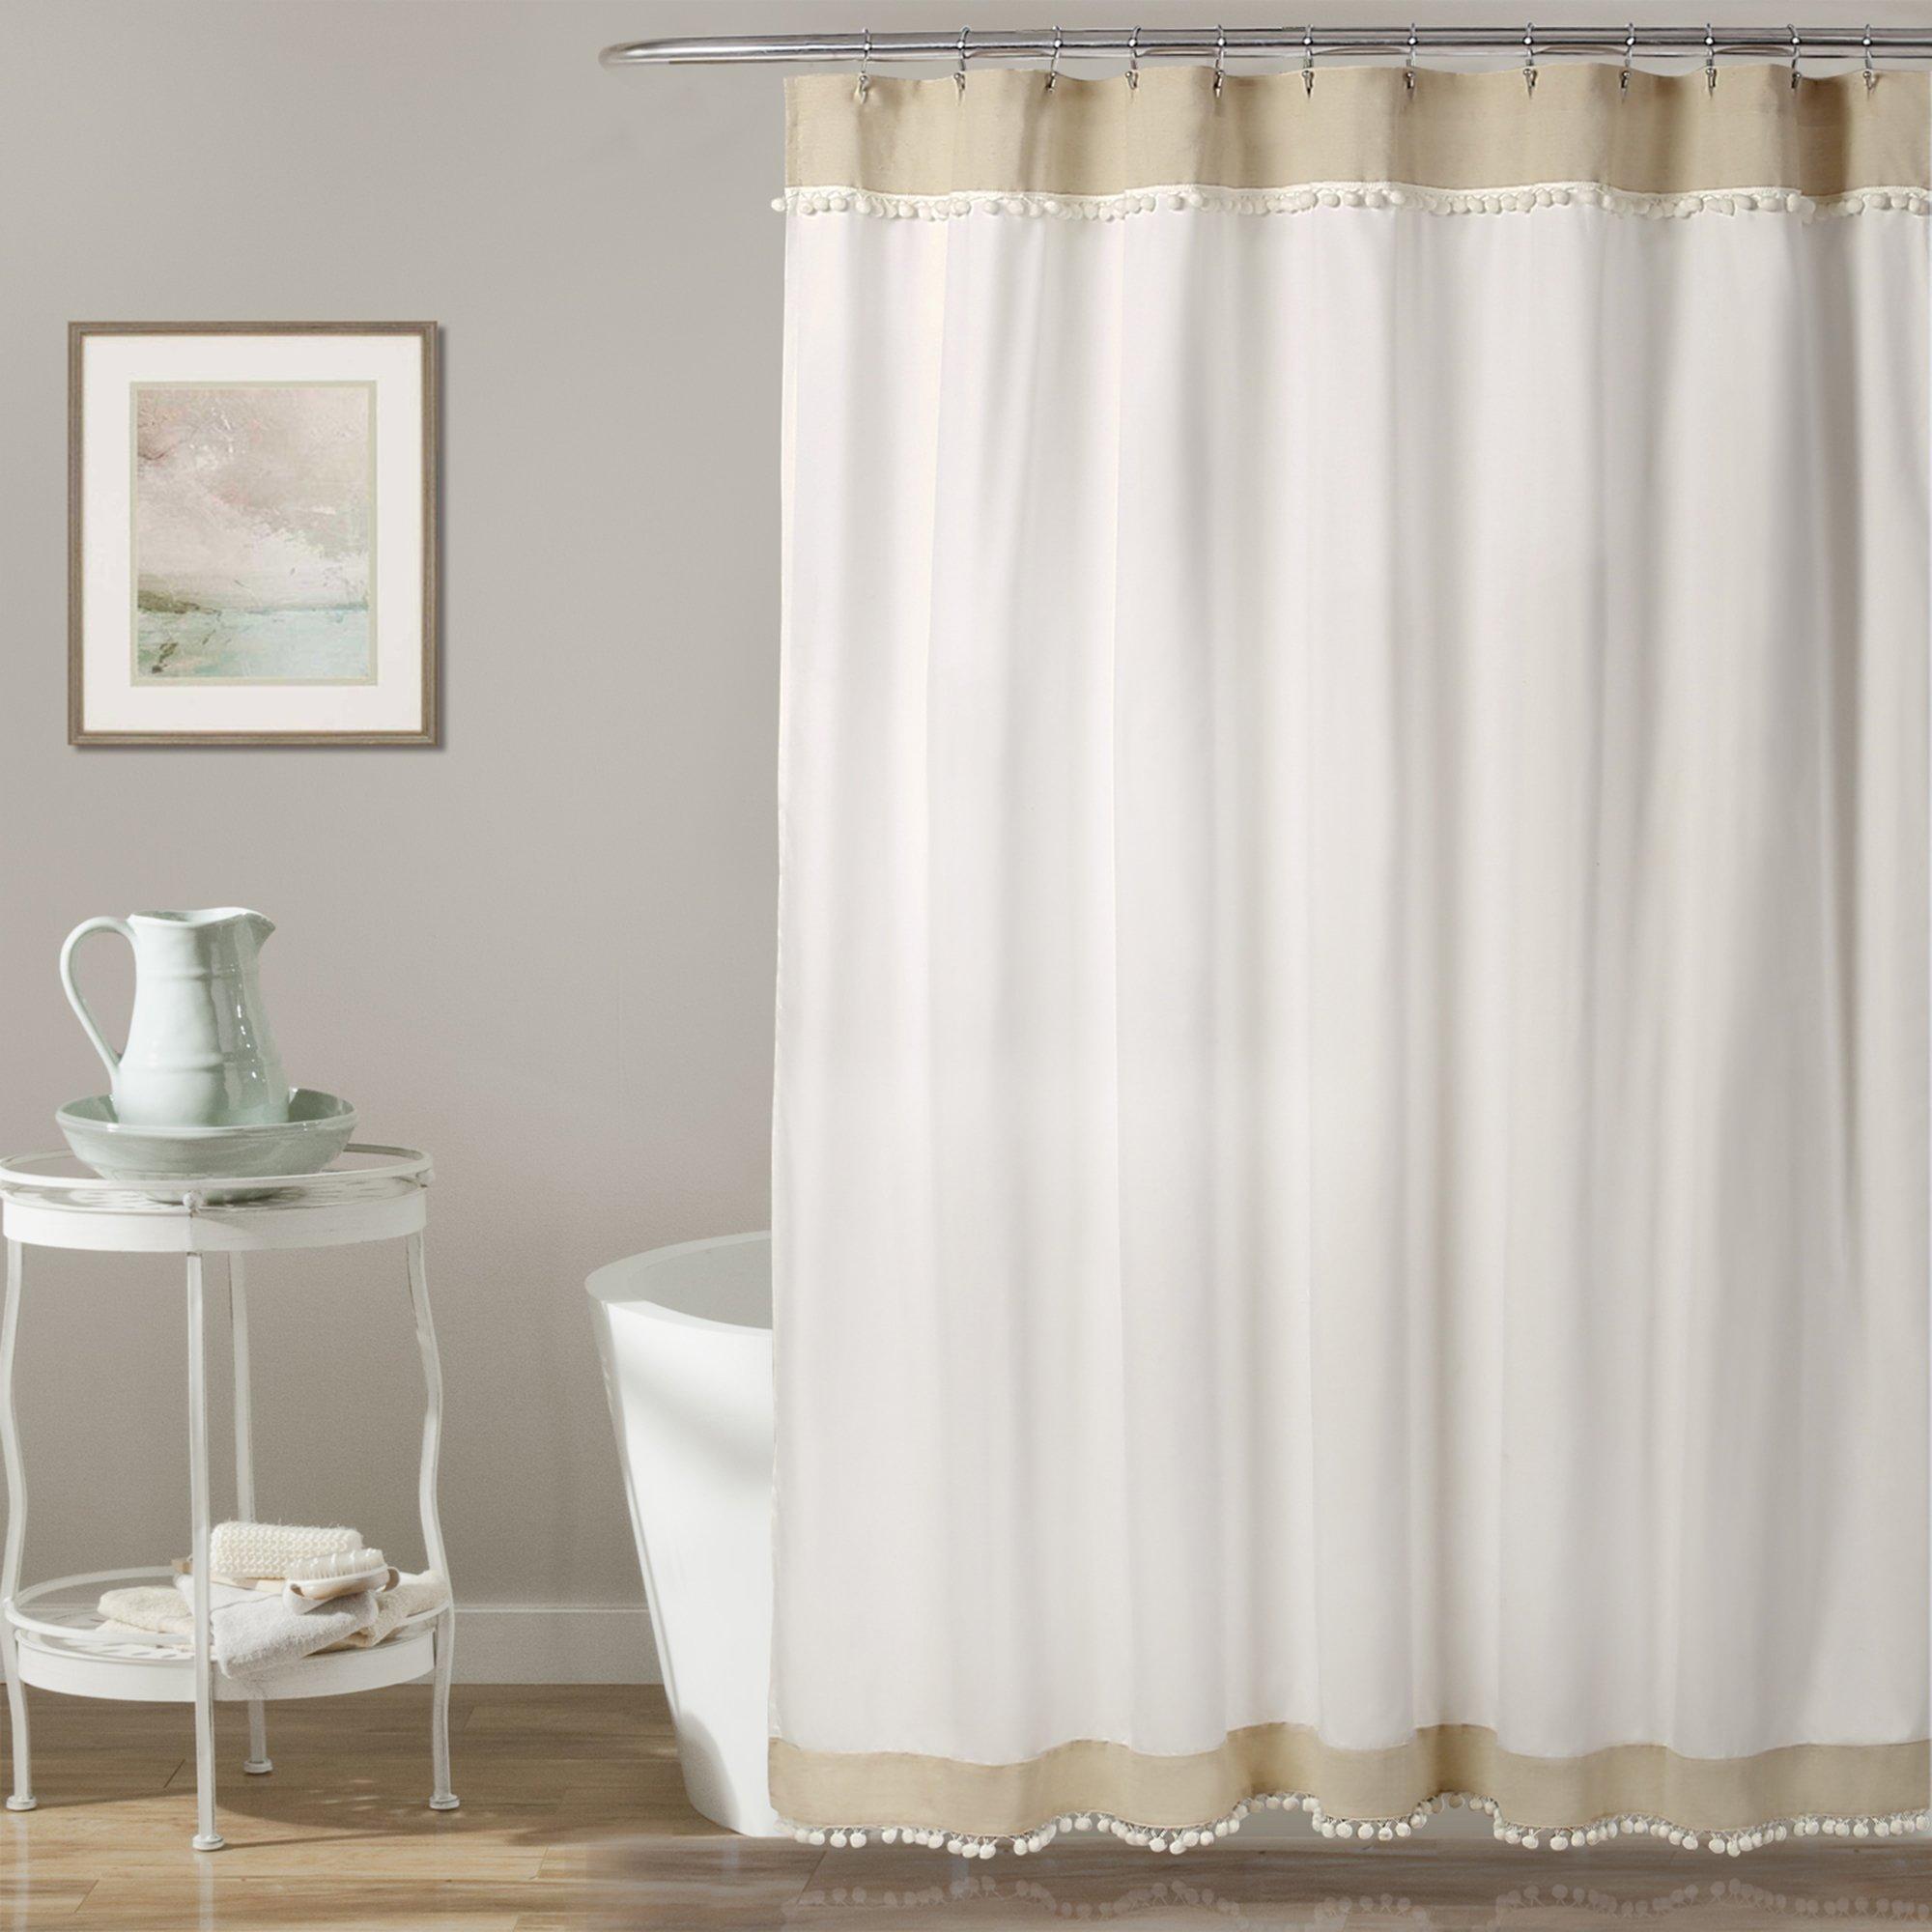 Lush Decor Décor Adelyn Pom Shower Curtain, 72'' x 72'', Neutral